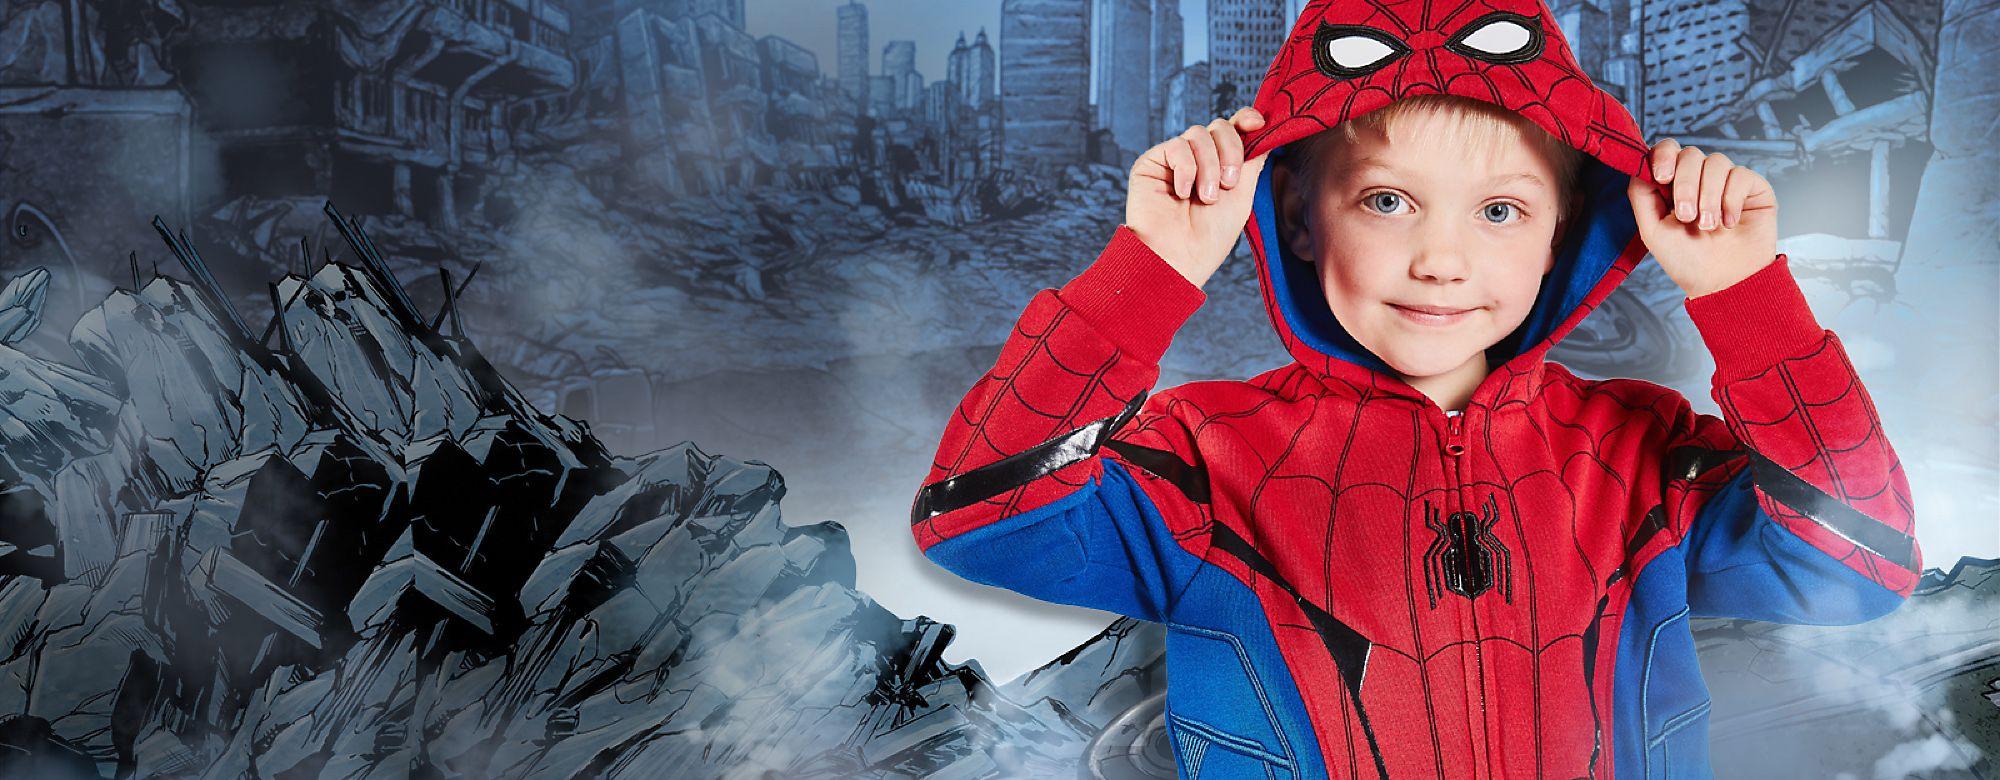 Mit unserer Marvel Collection bist du jeden Tag bereit für neue Abenteuer  MARVEL KAUFEN